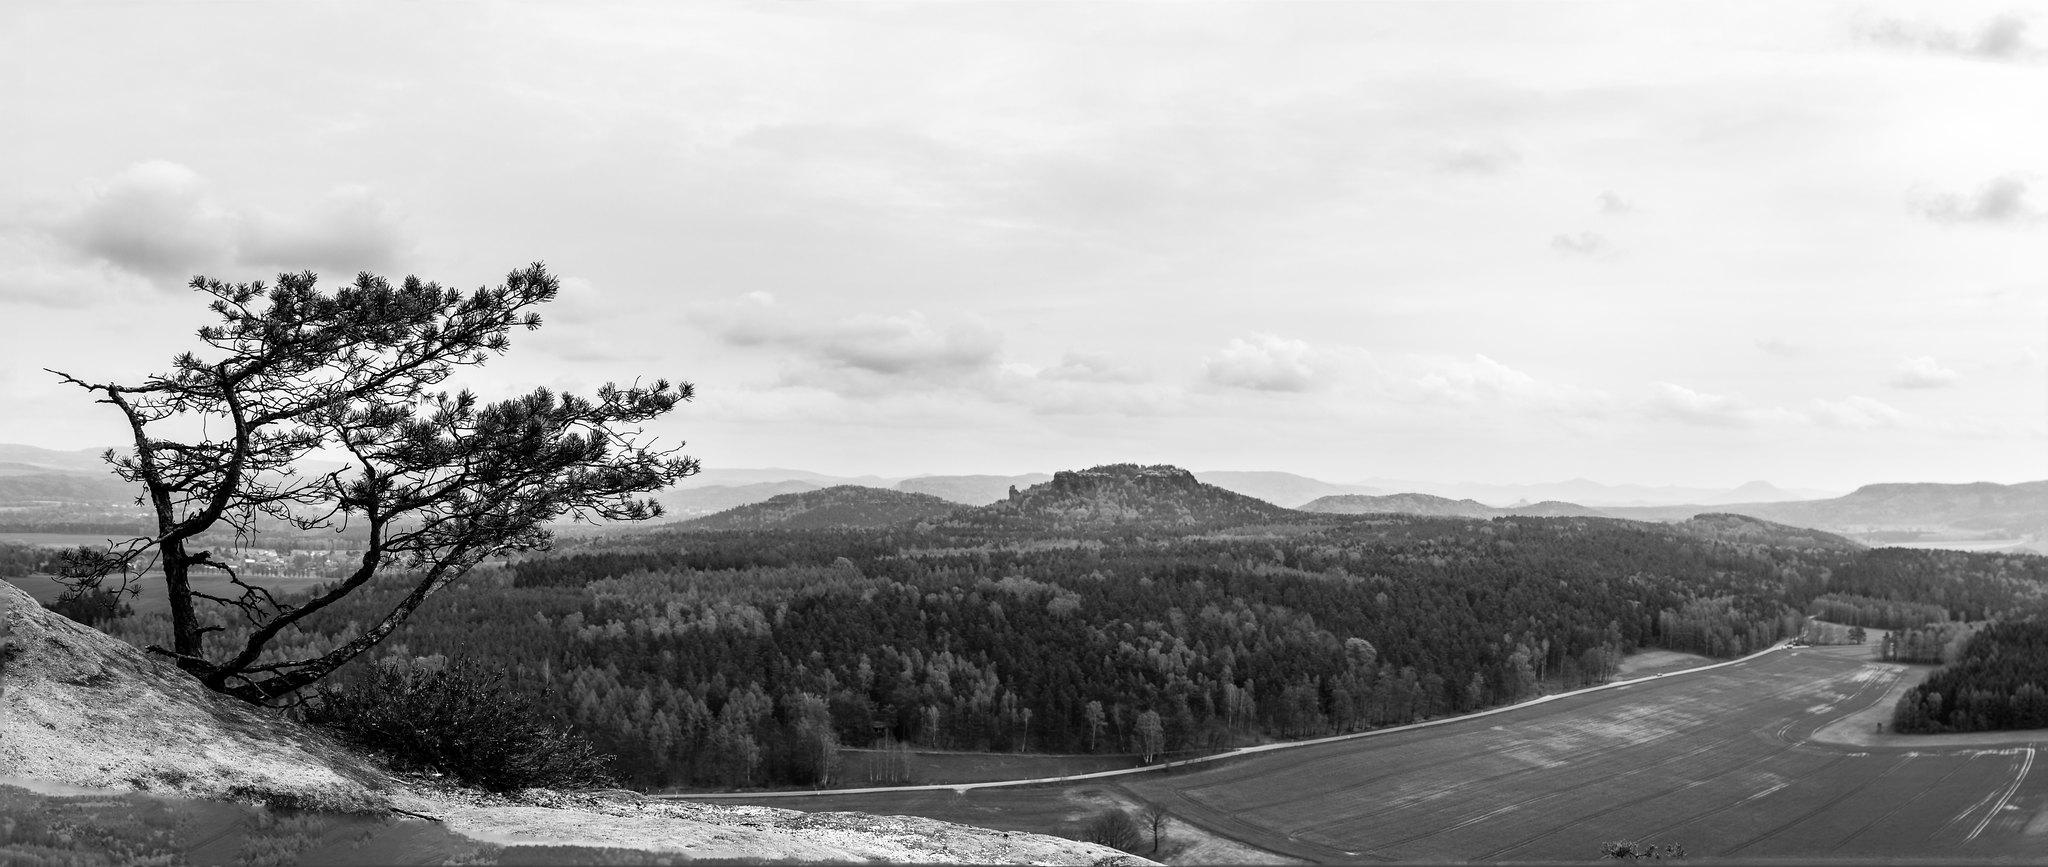 View from the Pfaffenstein